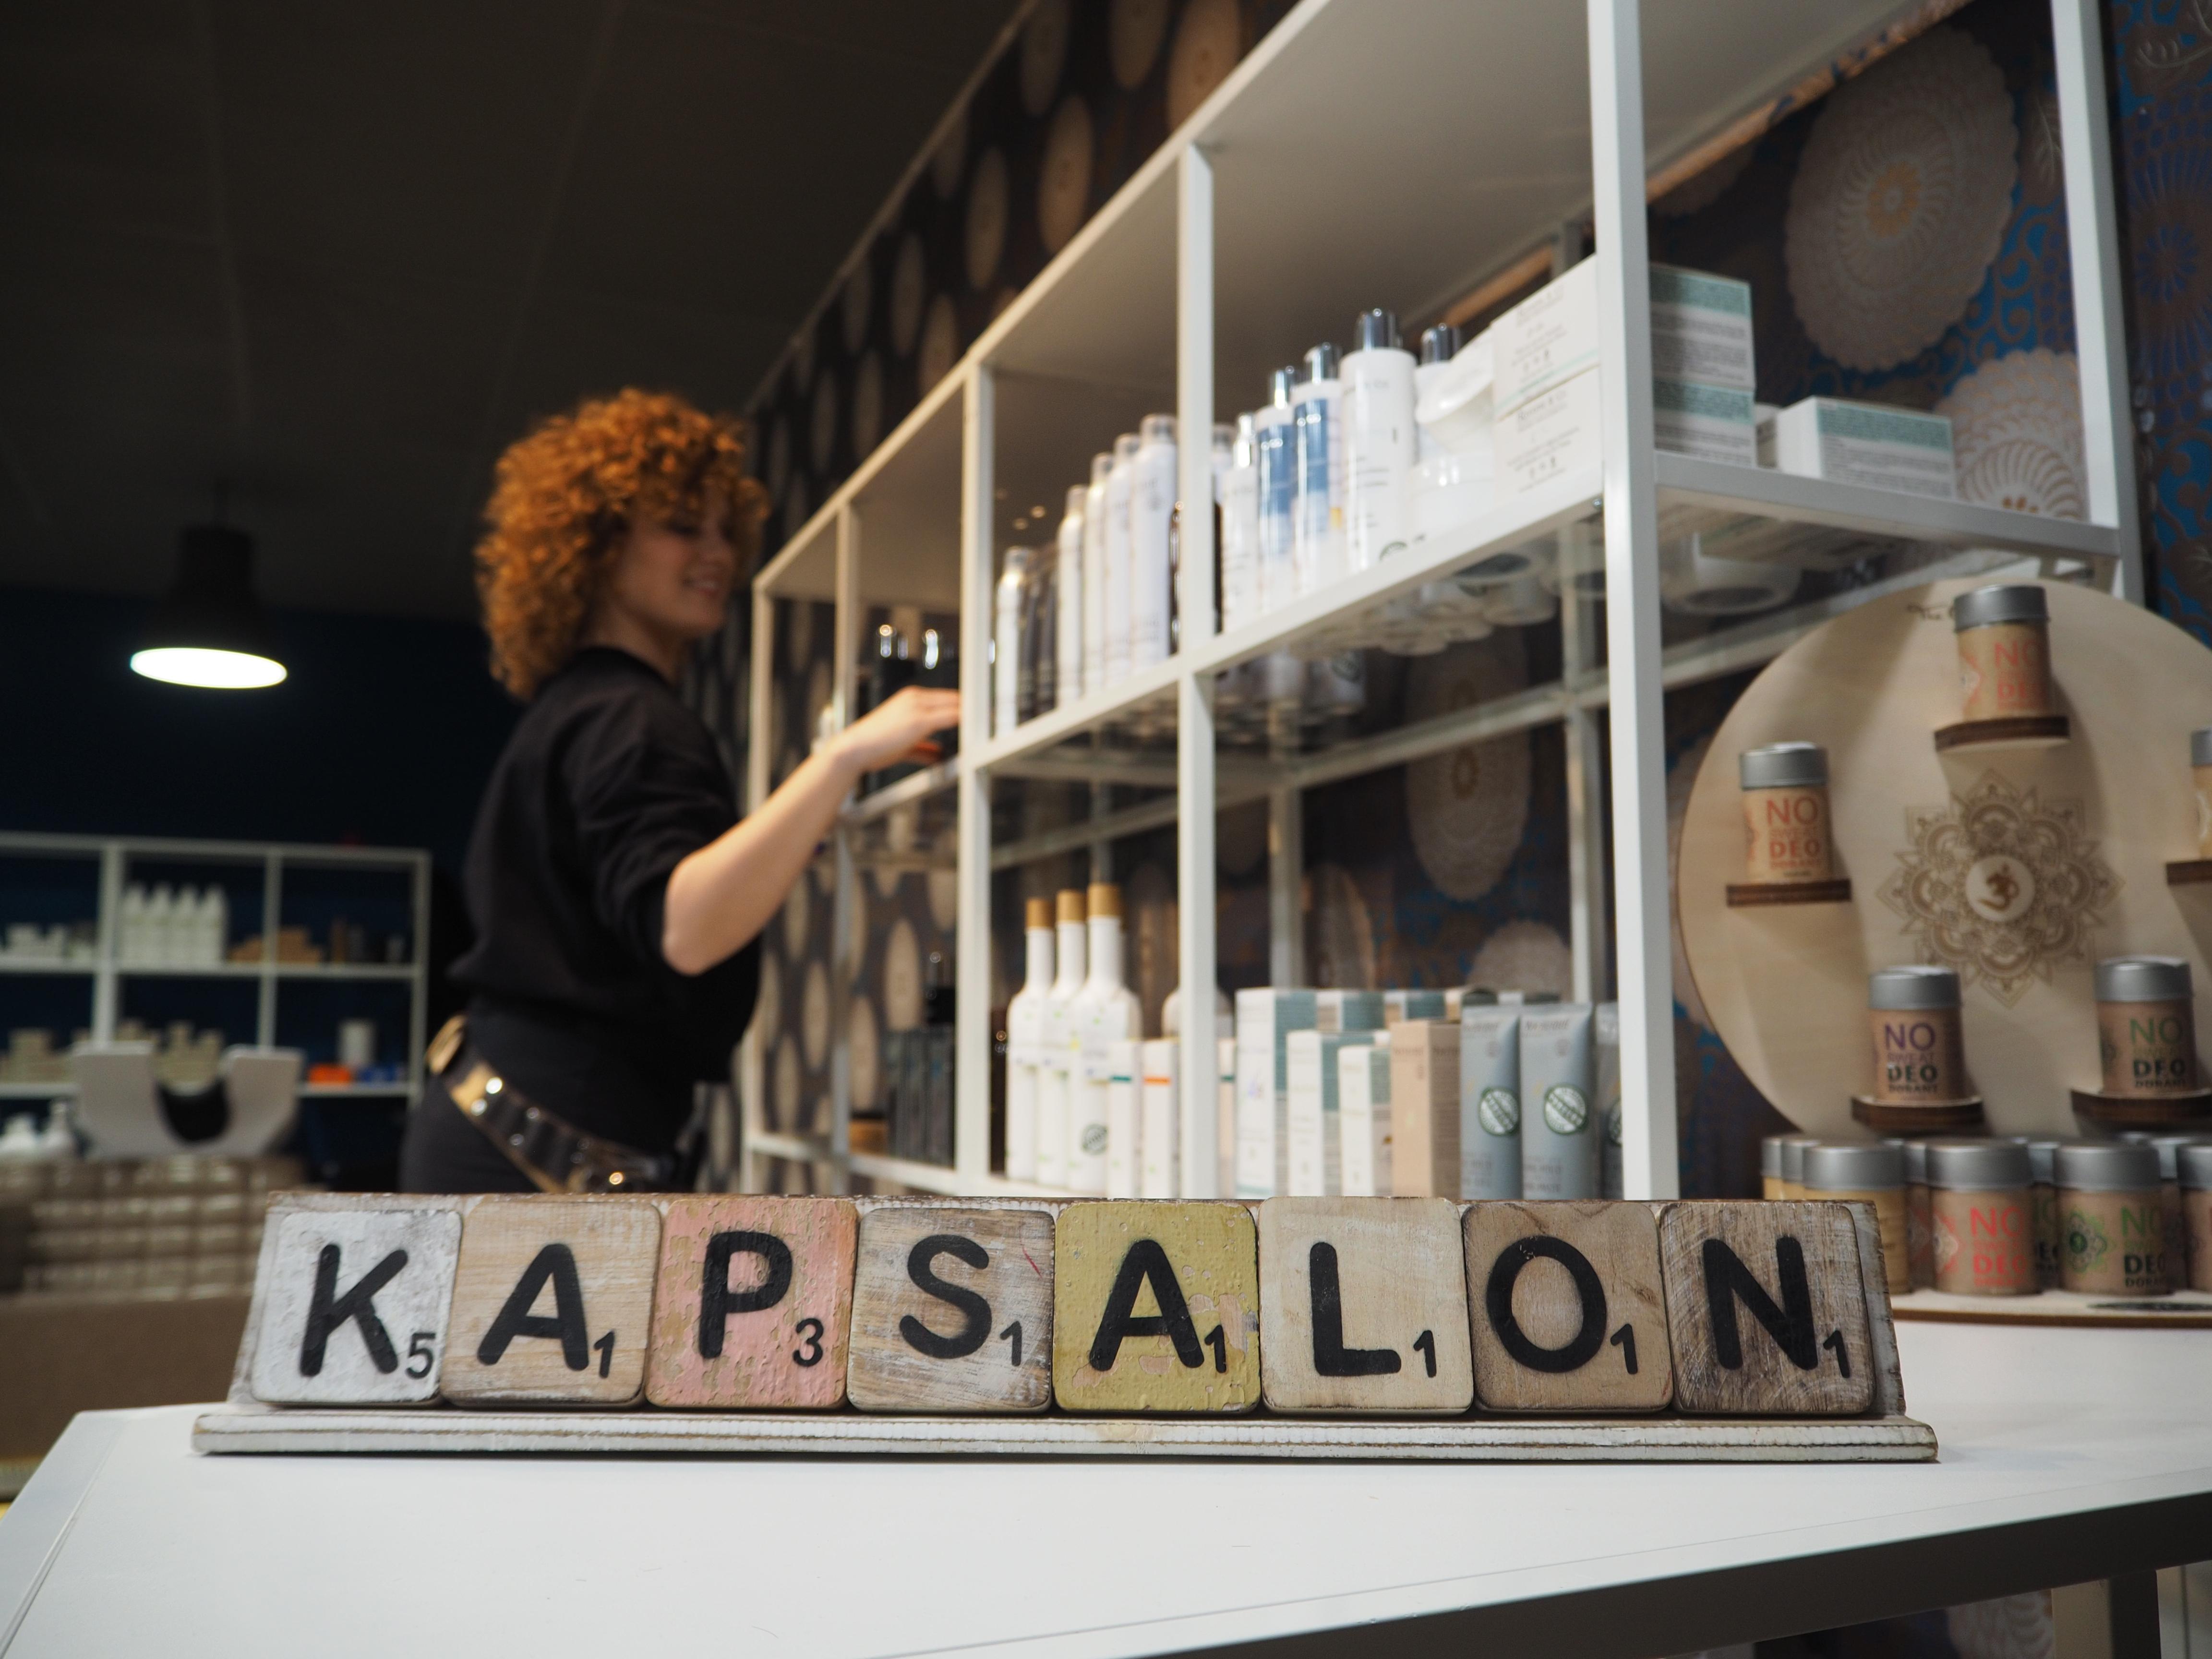 PURELOU KAPSALON